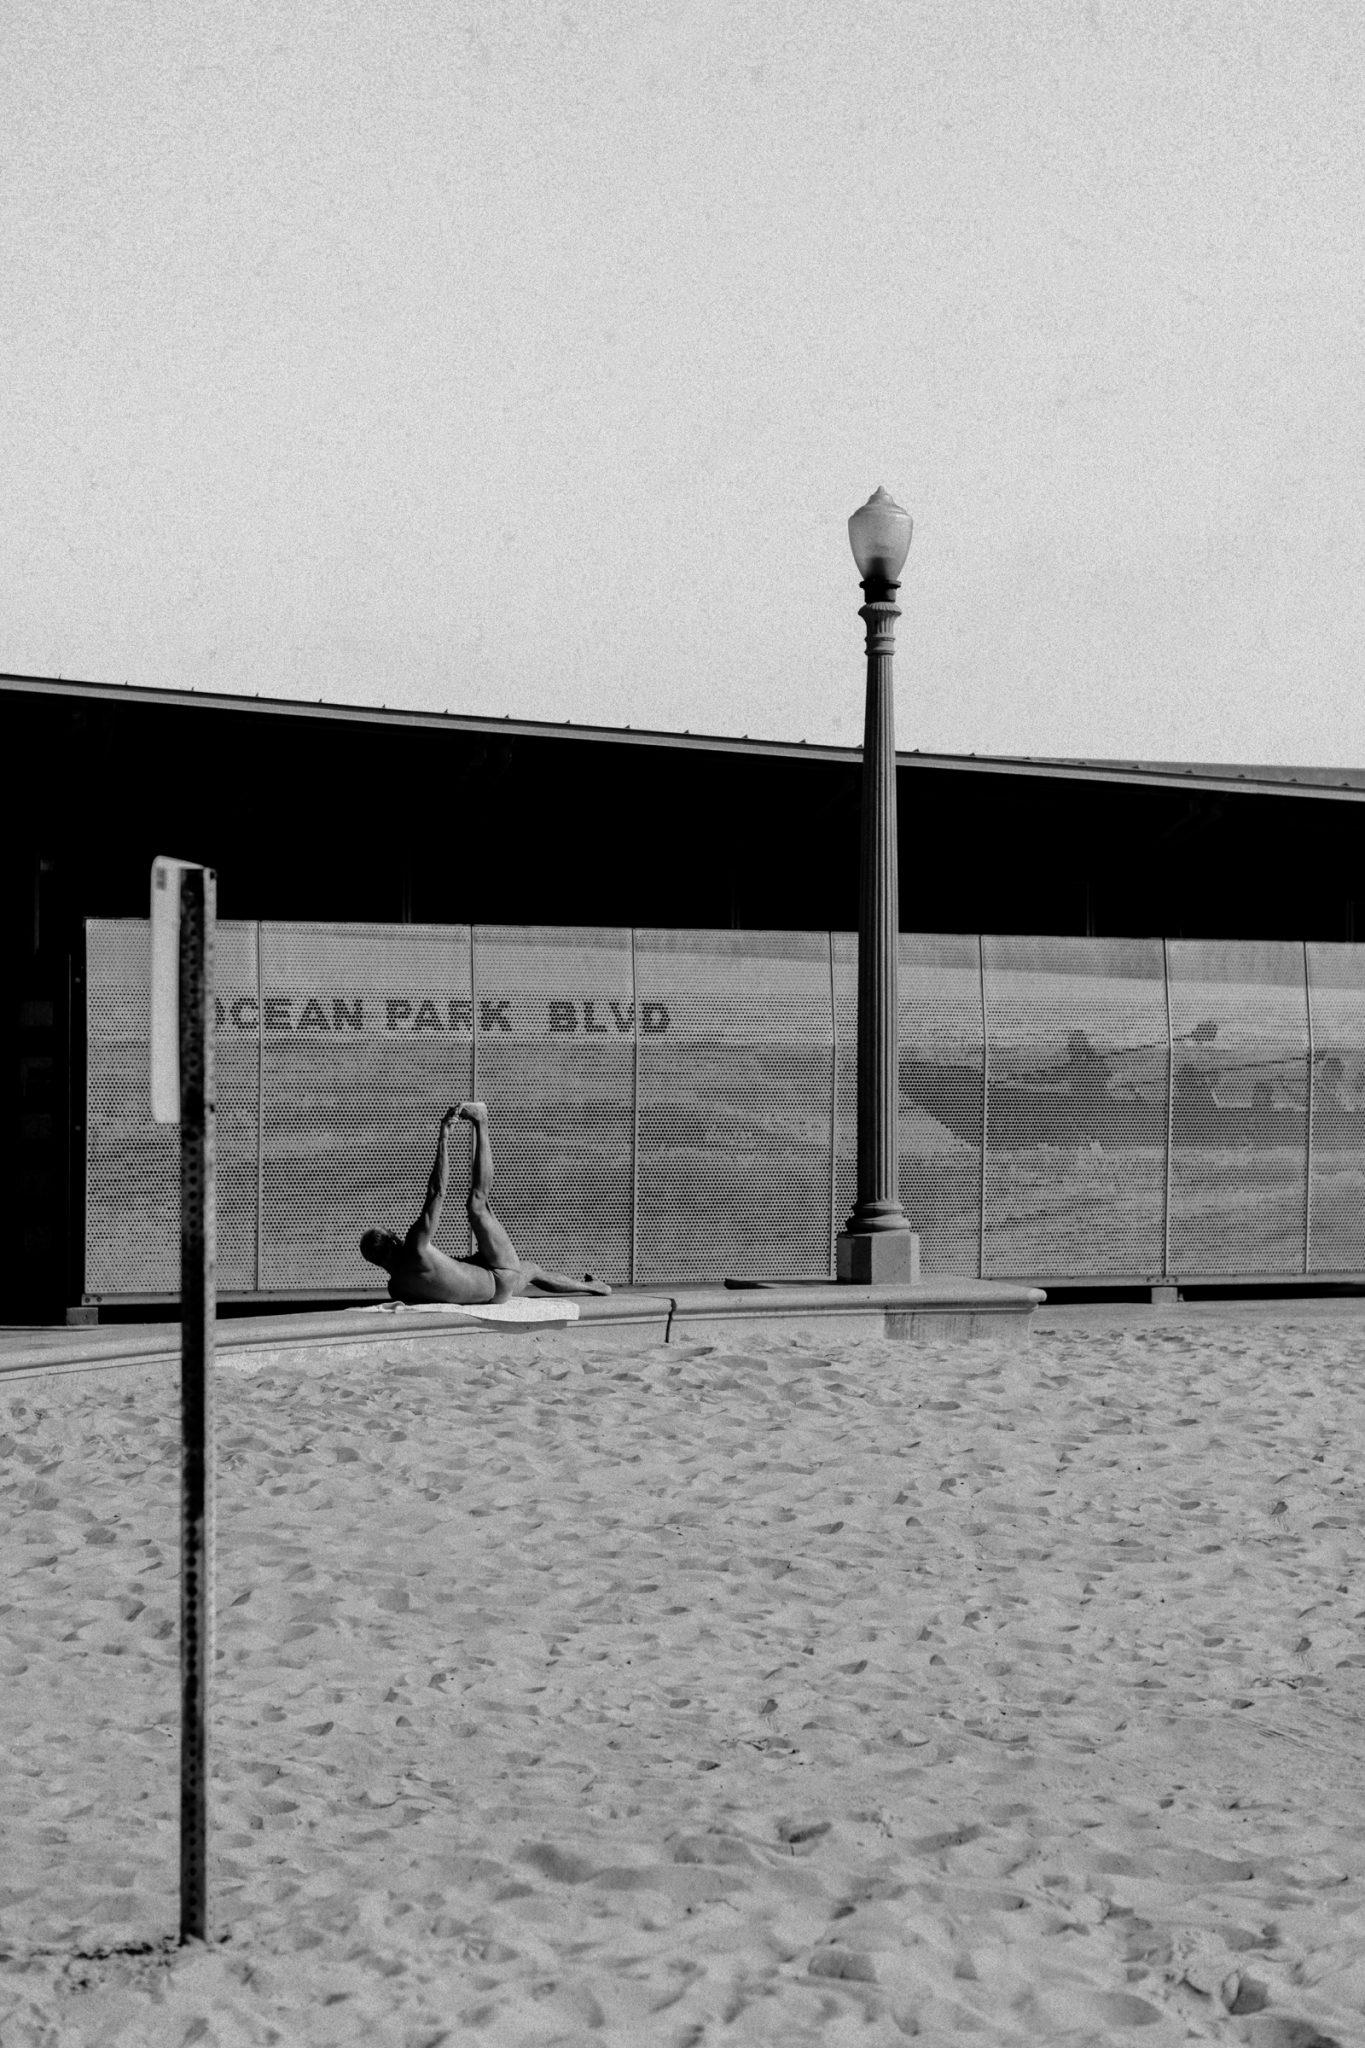 ocean park blvd man